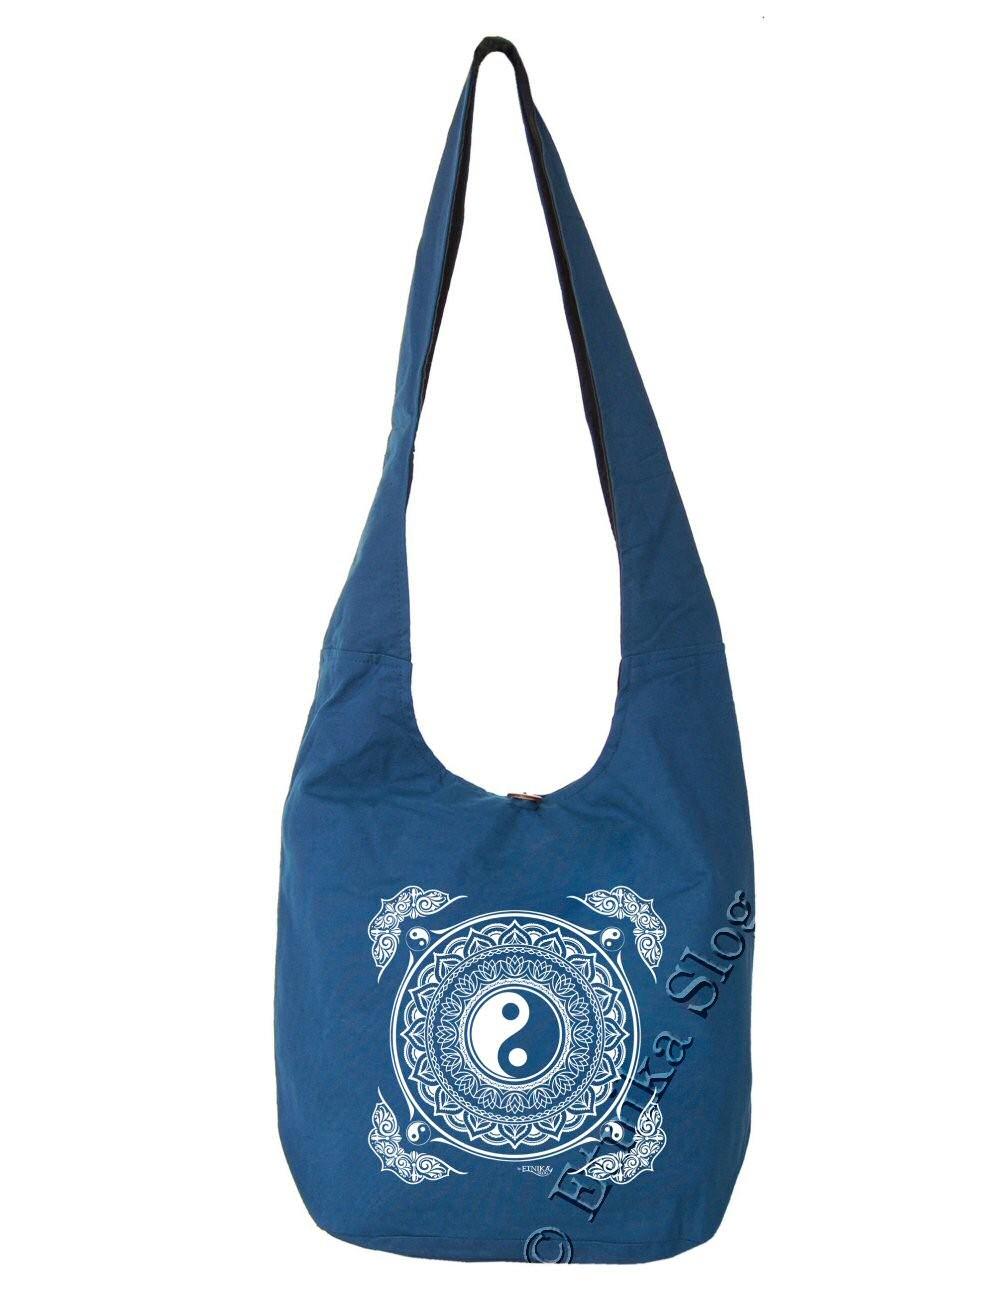 BAG SHOULDER BAG - COTTON PLAIN BS-NE06-20B - Oriente Import S.r.l.